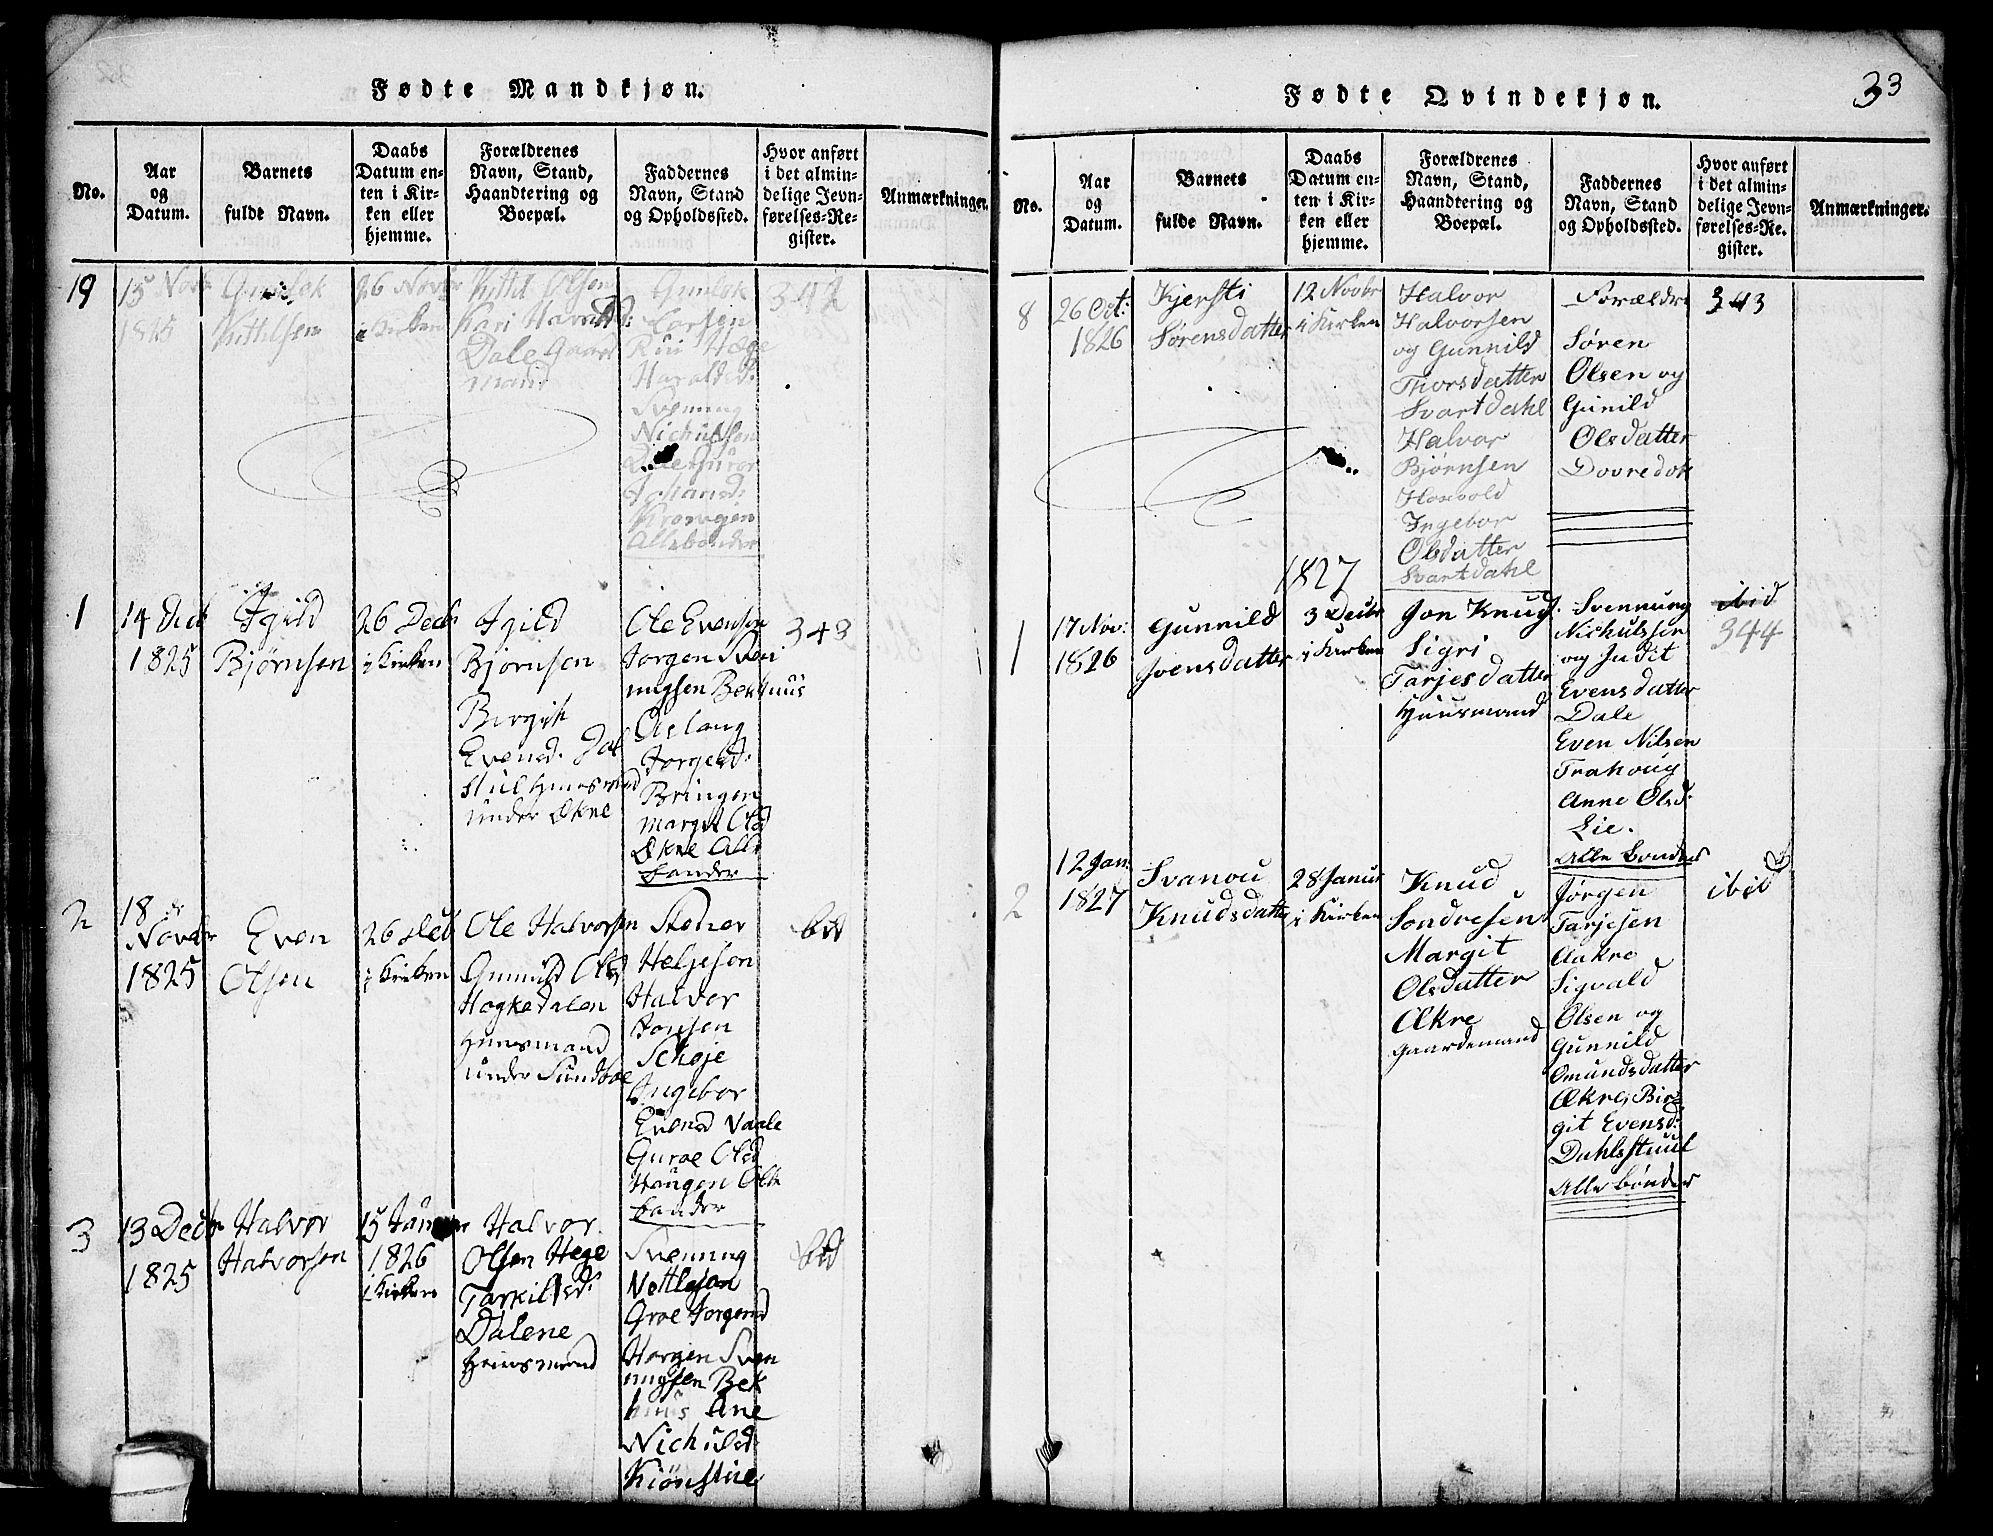 SAKO, Seljord kirkebøker, G/Gb/L0002: Klokkerbok nr. II 2, 1815-1854, s. 33